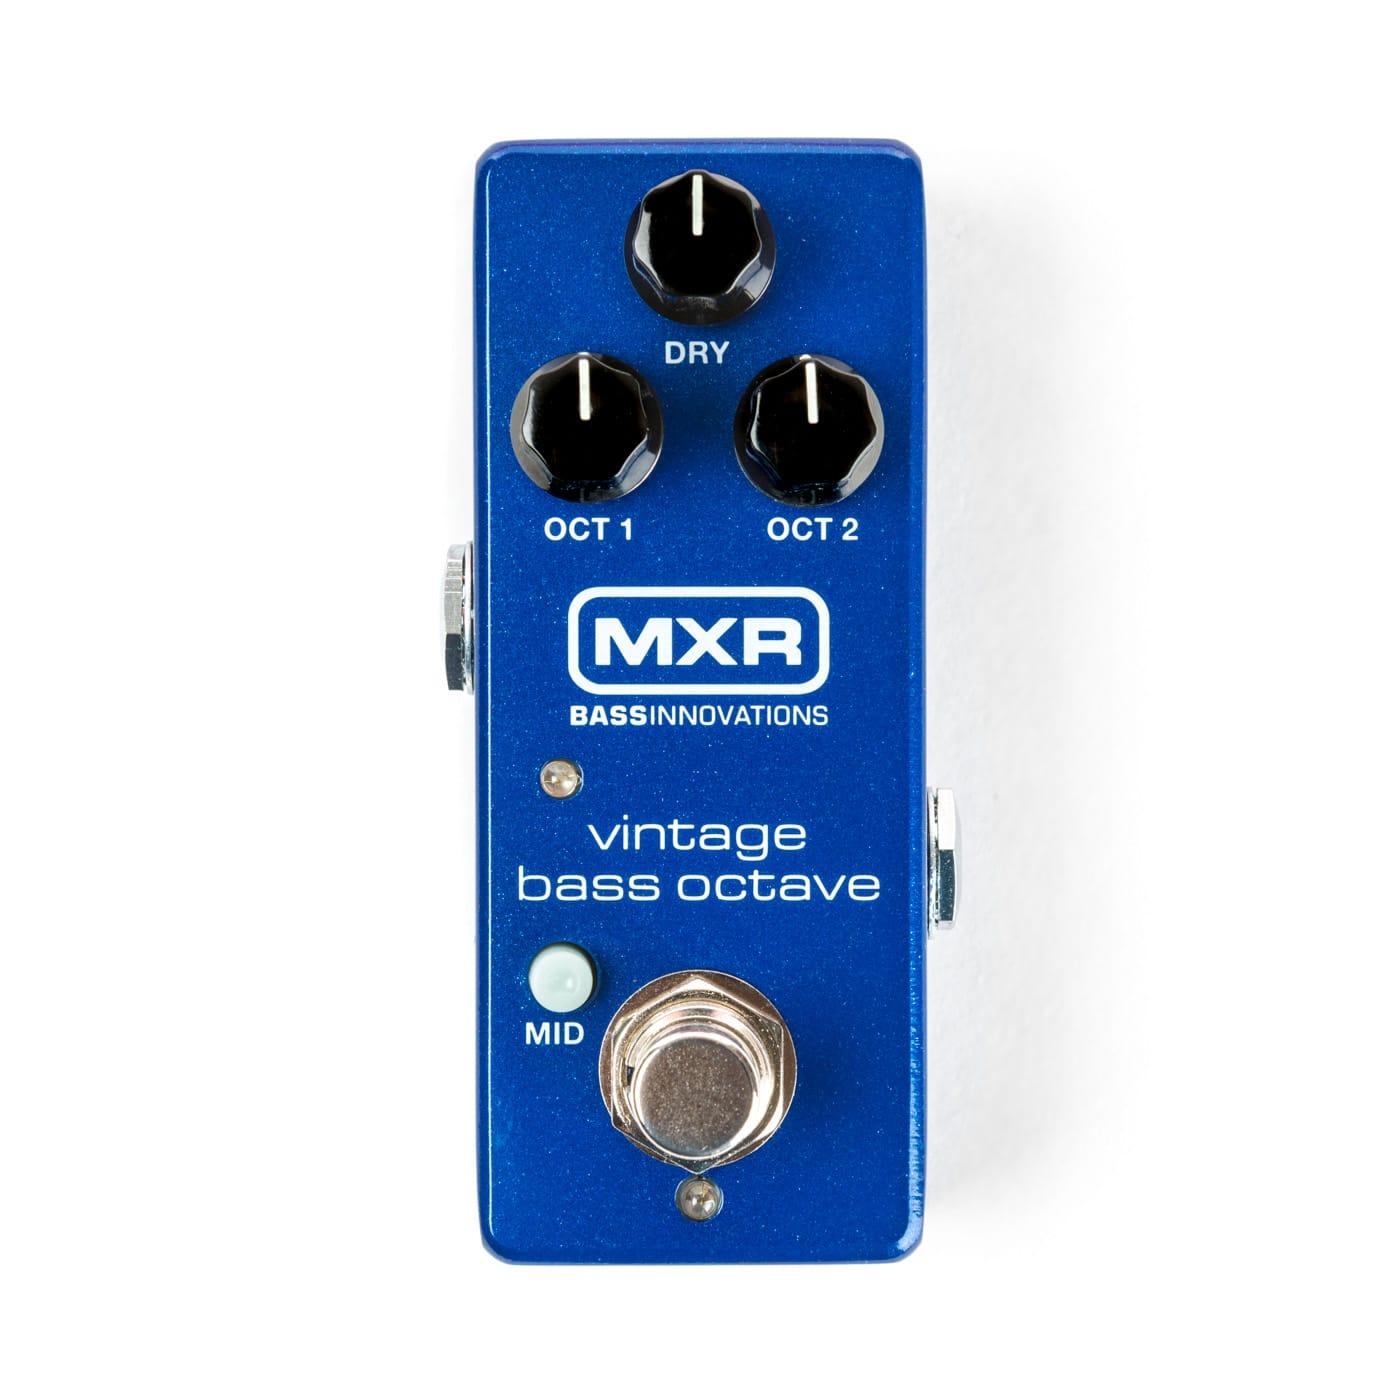 MXR Vintage Bass Octave